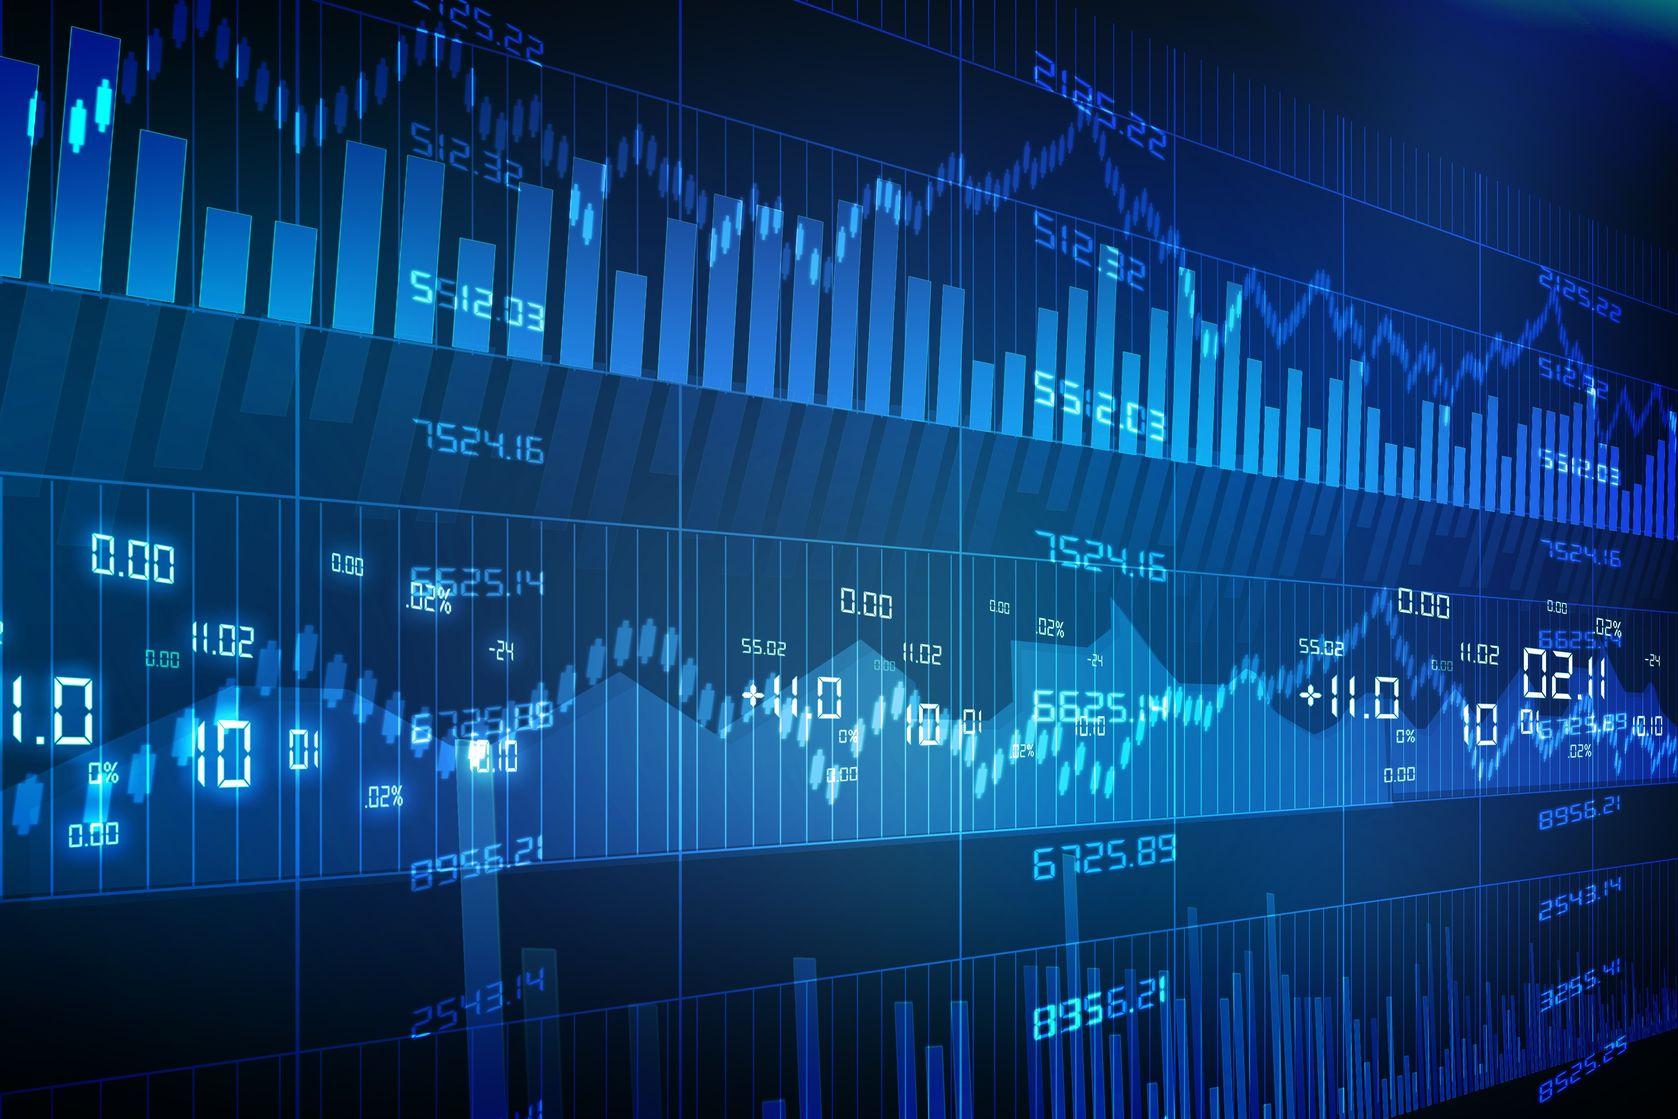 美联储官员称美国经济前景极不确定 疫情乐观预期提振美股